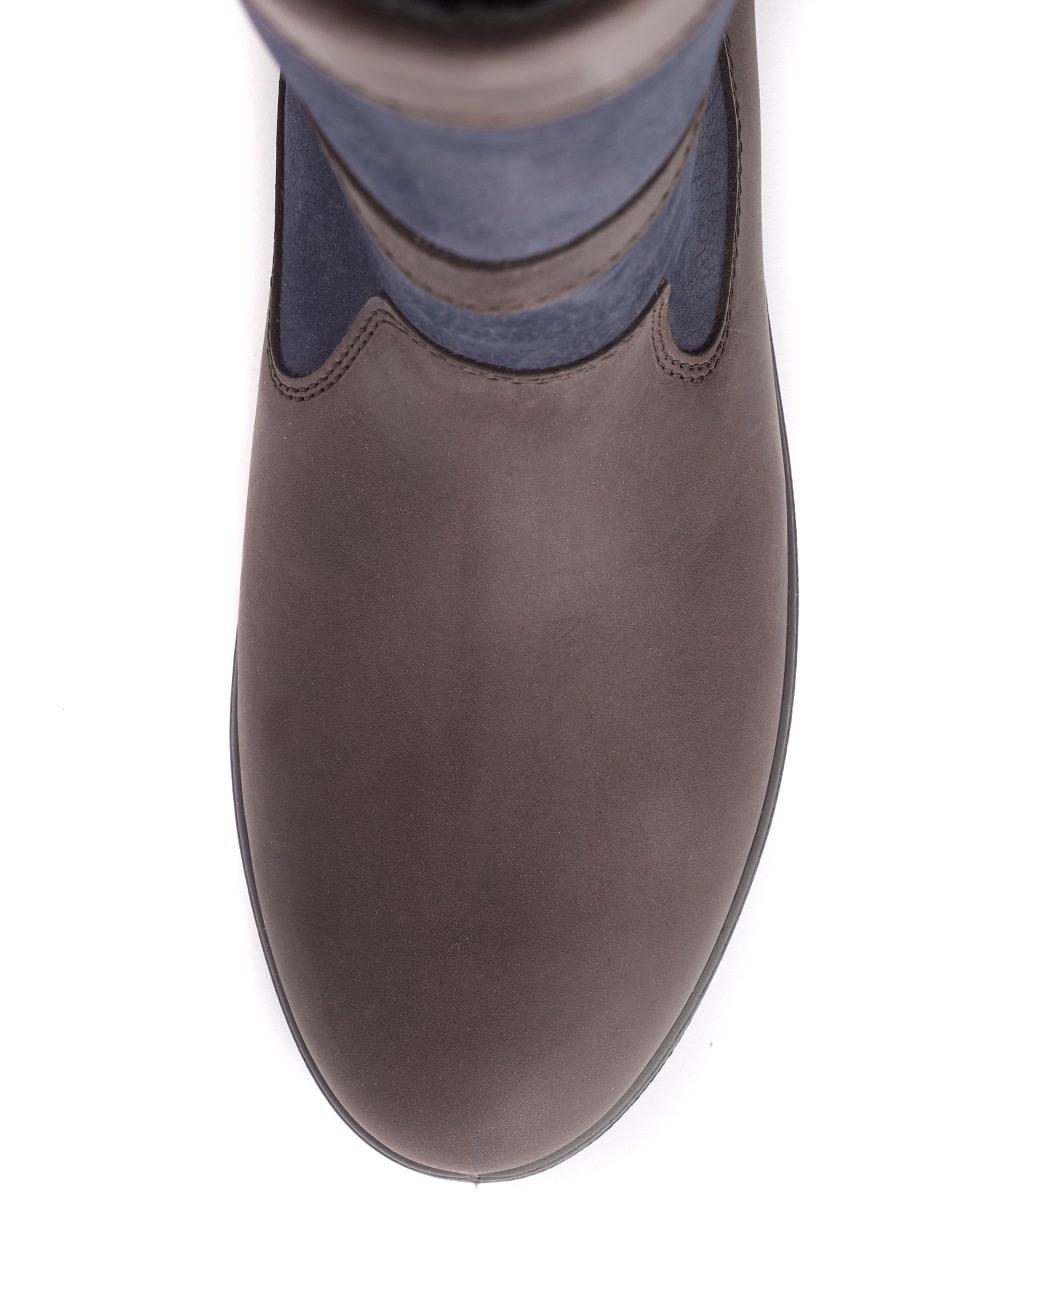 Dubarry Kildare outdoor laarzen - Navy/Brown-6